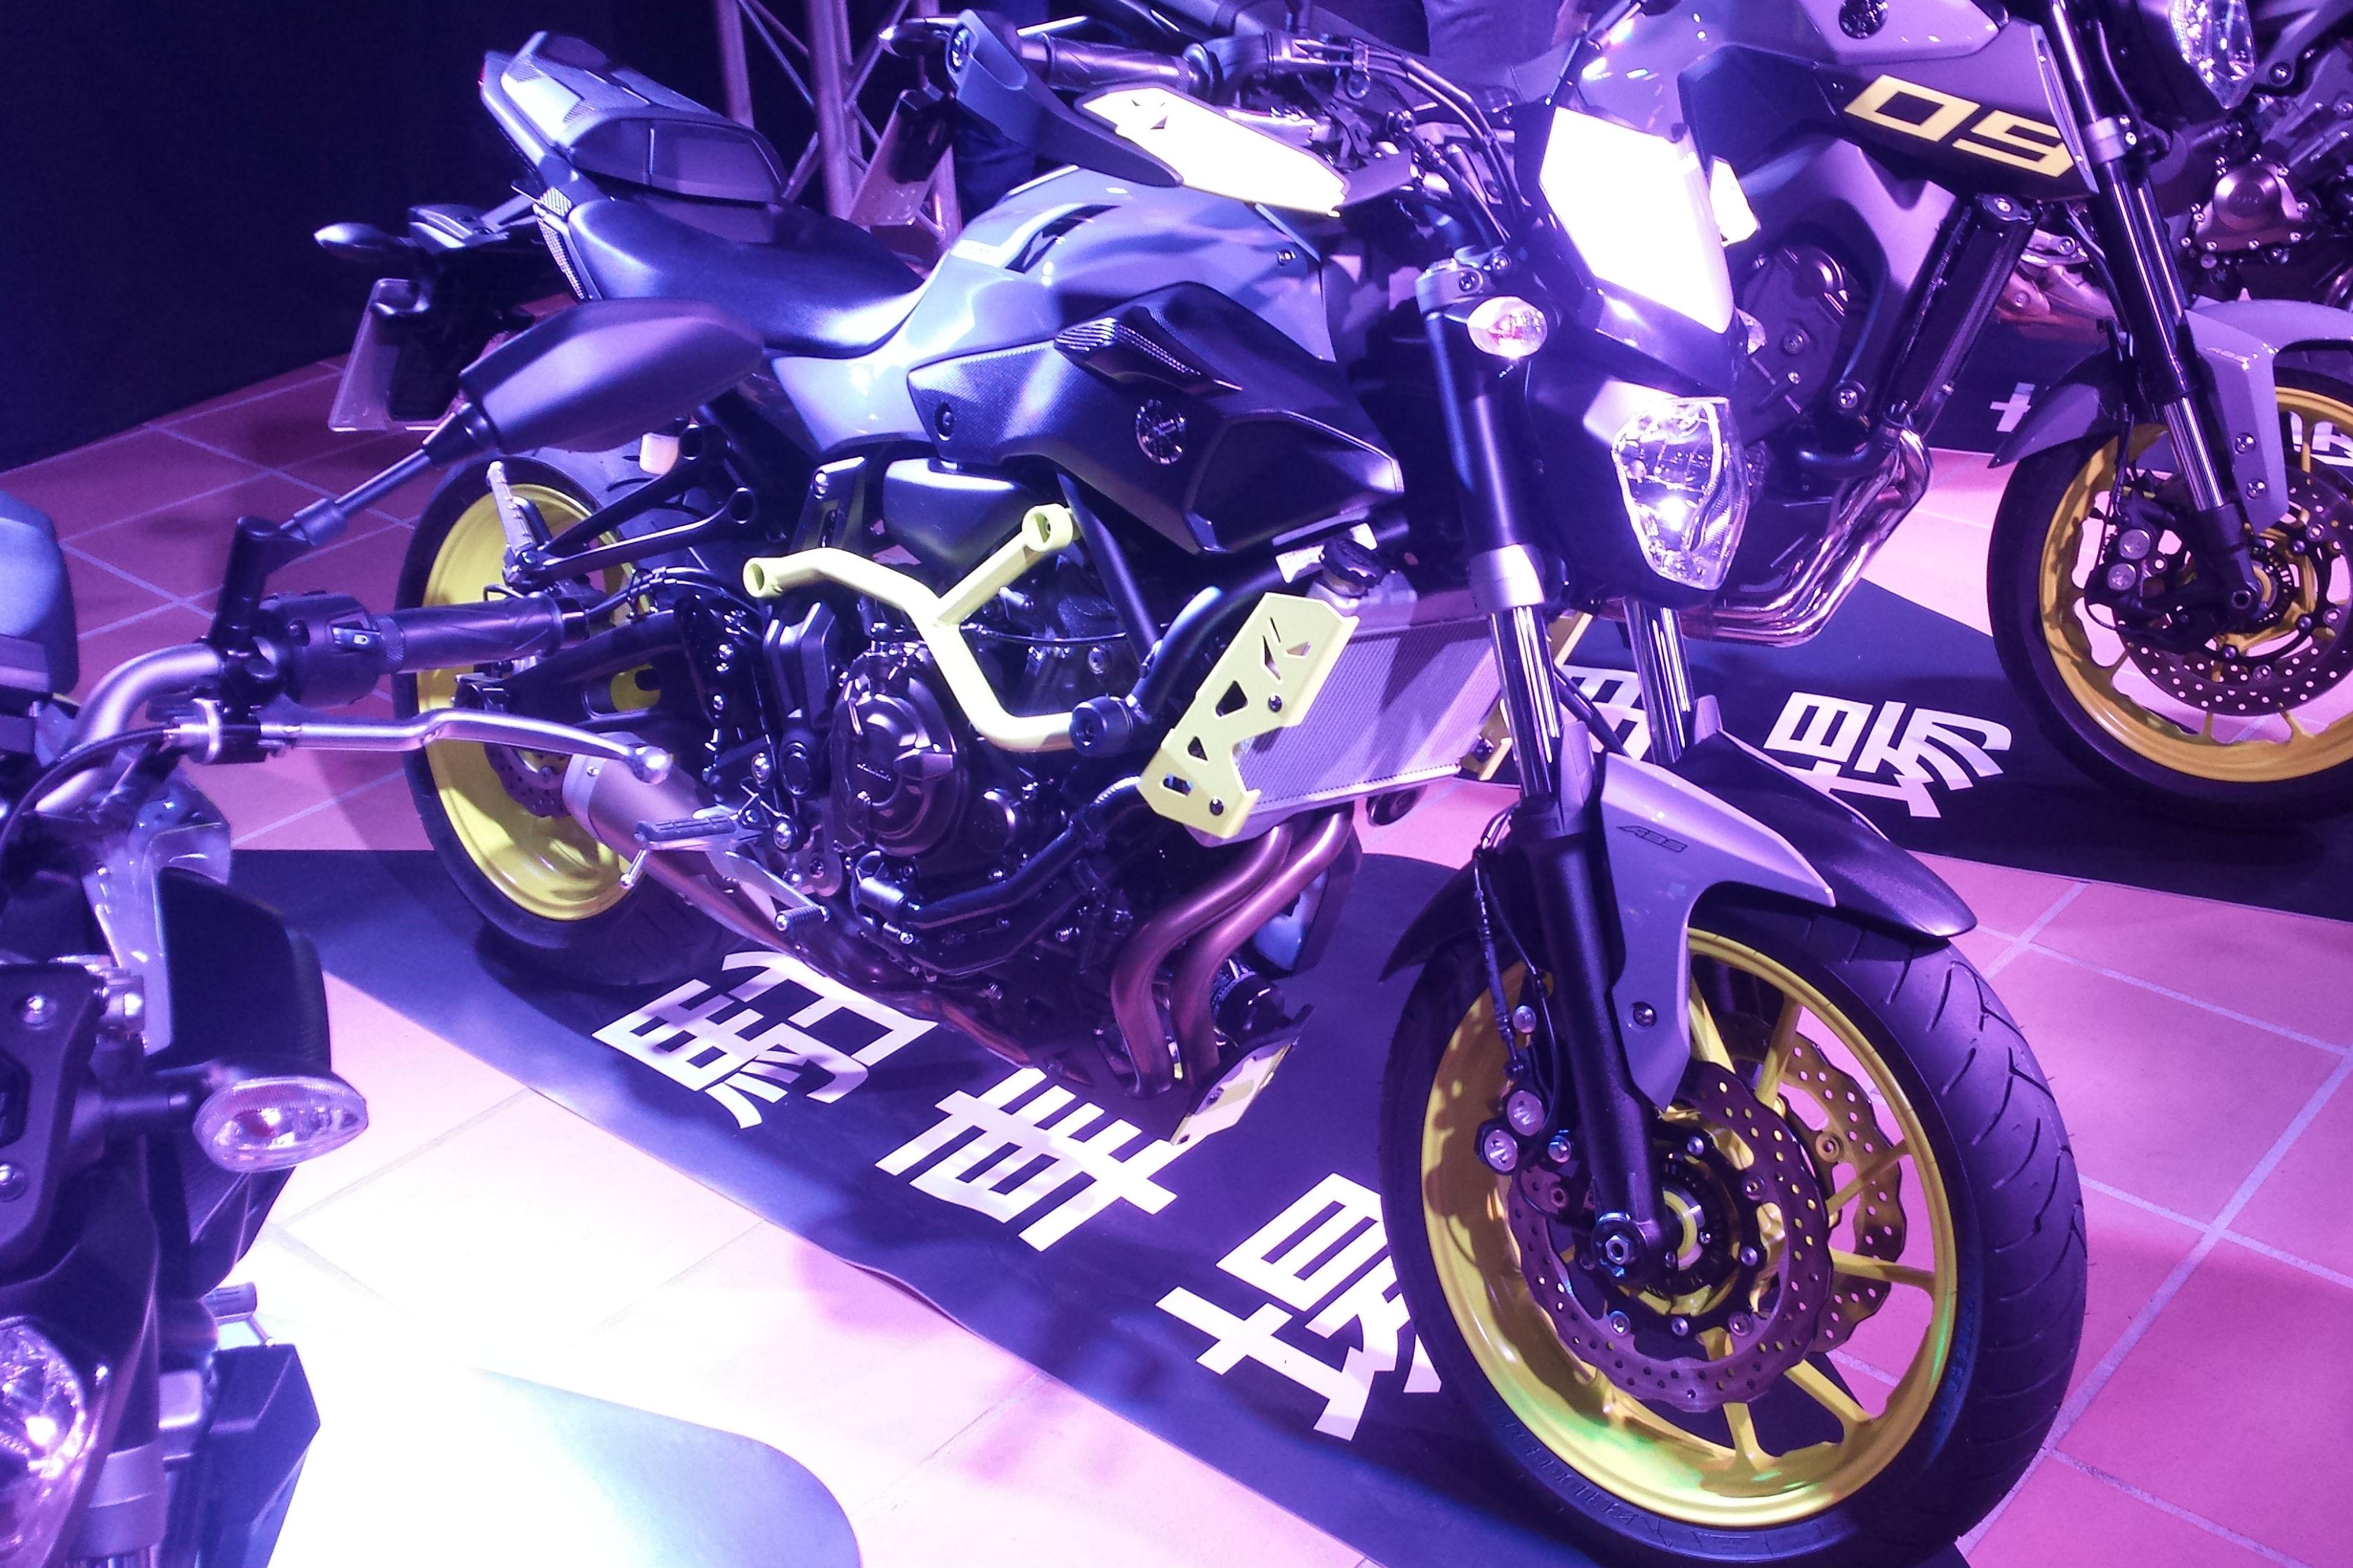 Yamaha MT-07 Moto Cage 'Night Fluo' revealed